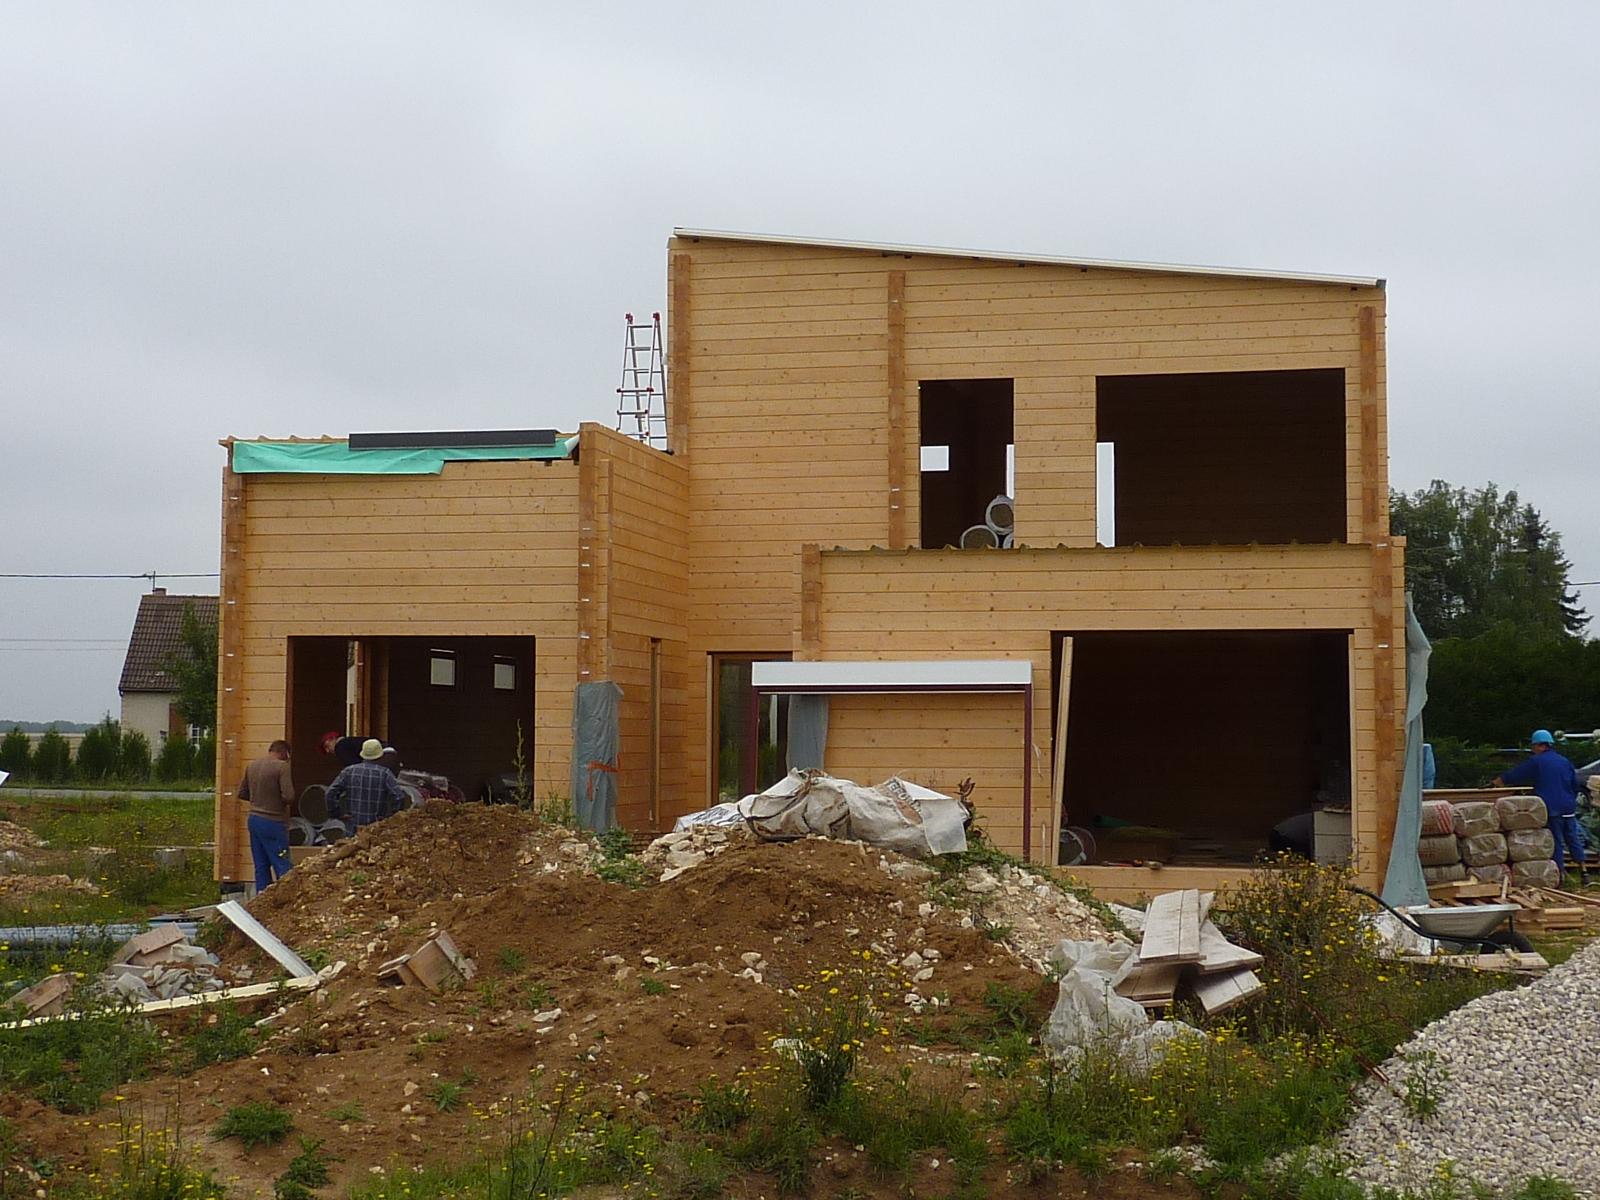 Maison bois en madrier construction modern architecture for Maison bois en u